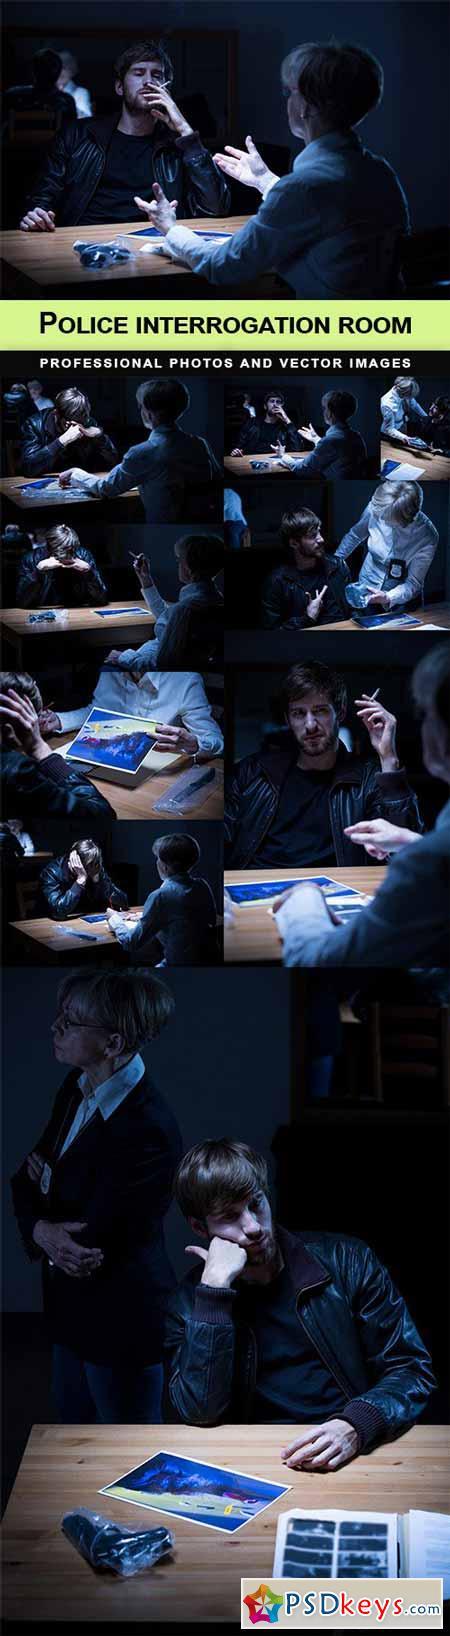 Police interrogation room - 9 UHQ JPEG